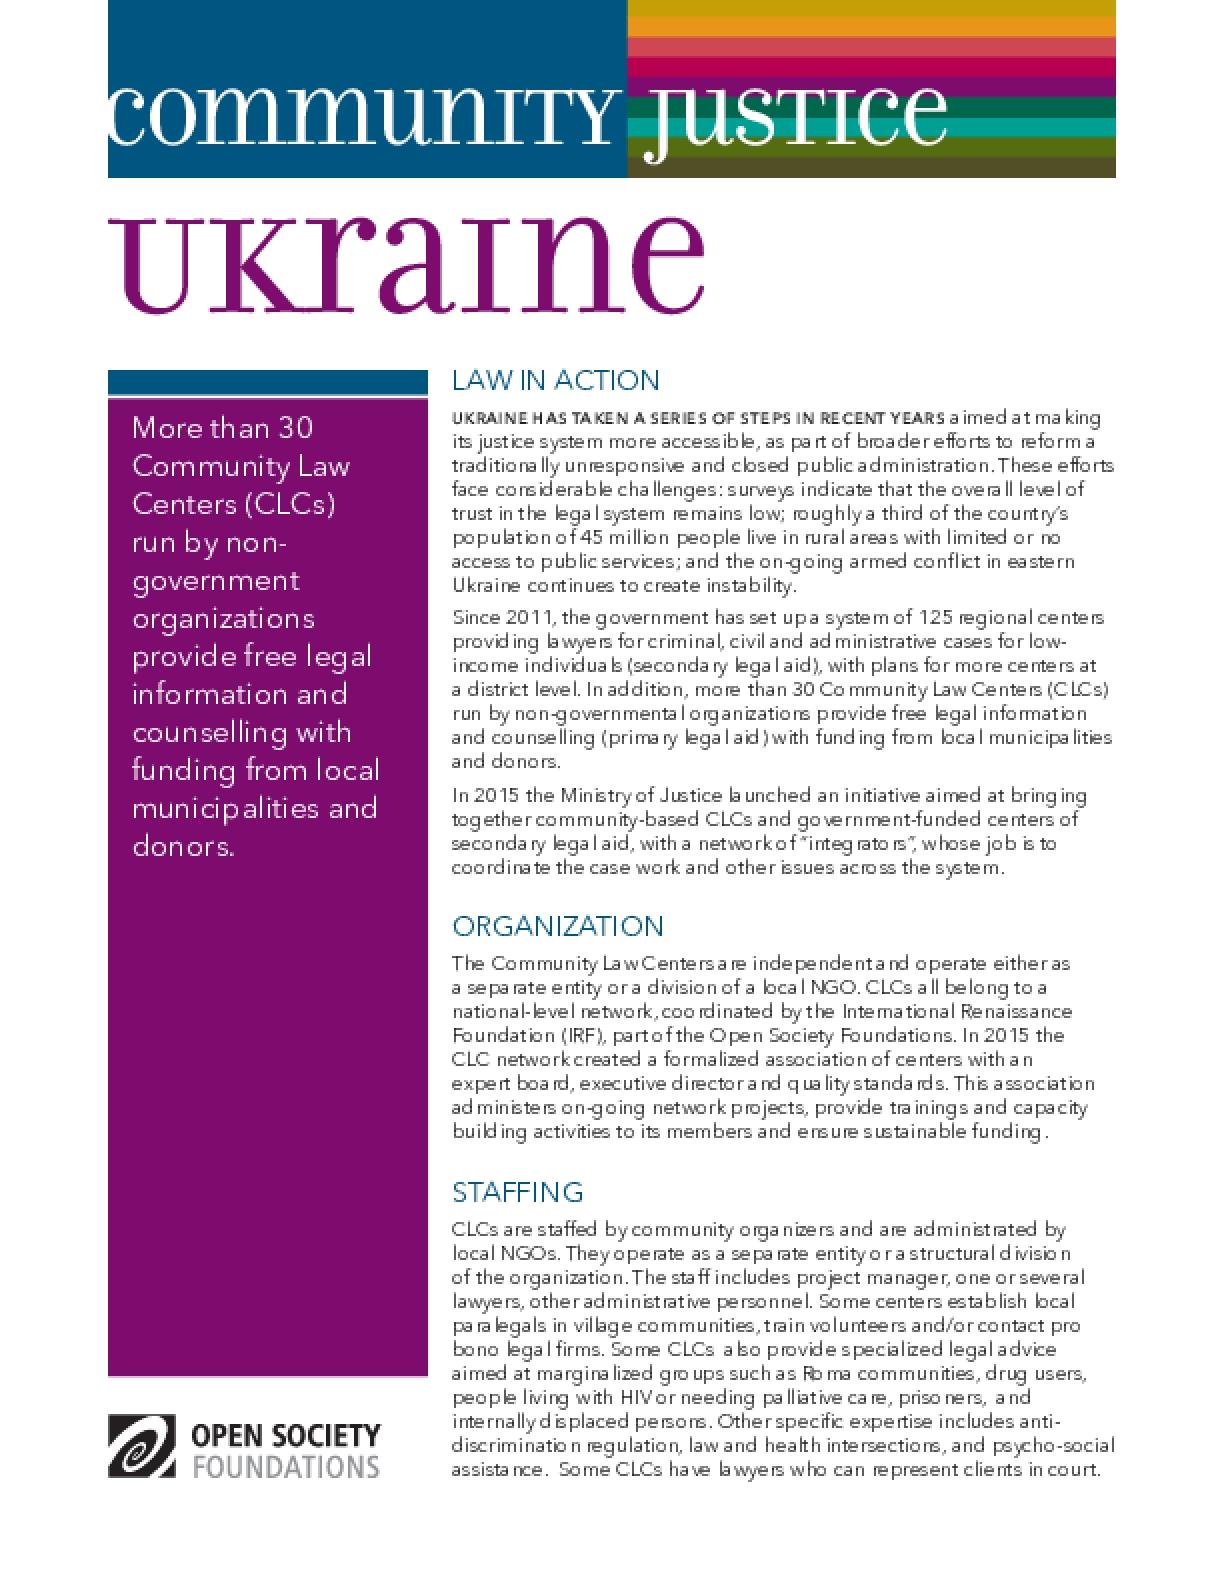 Community Justice Ukraine